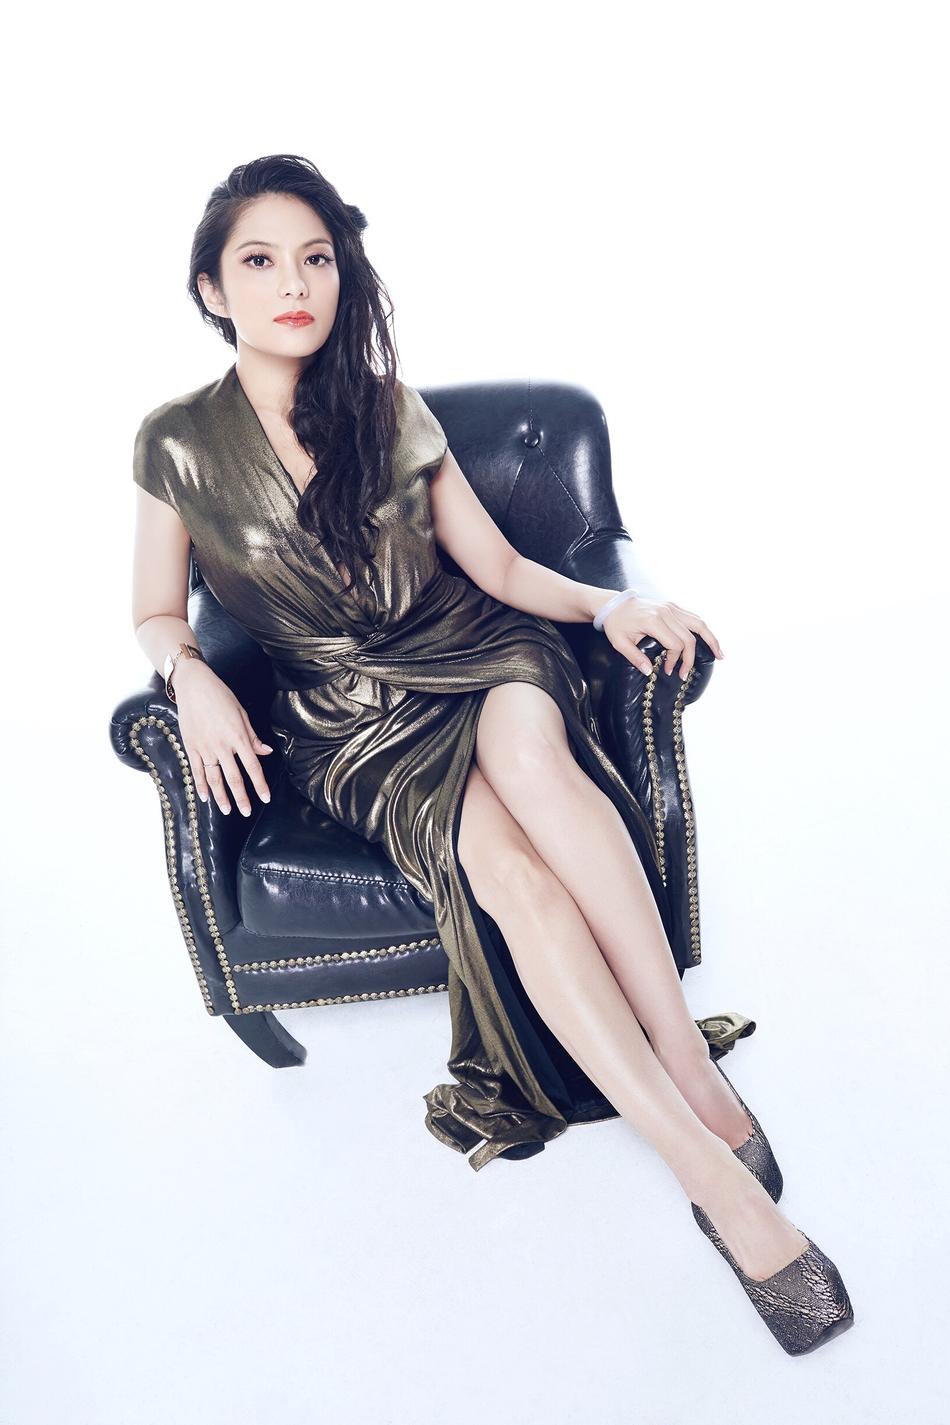 Nadia身着金色高开叉长裙秀美腿